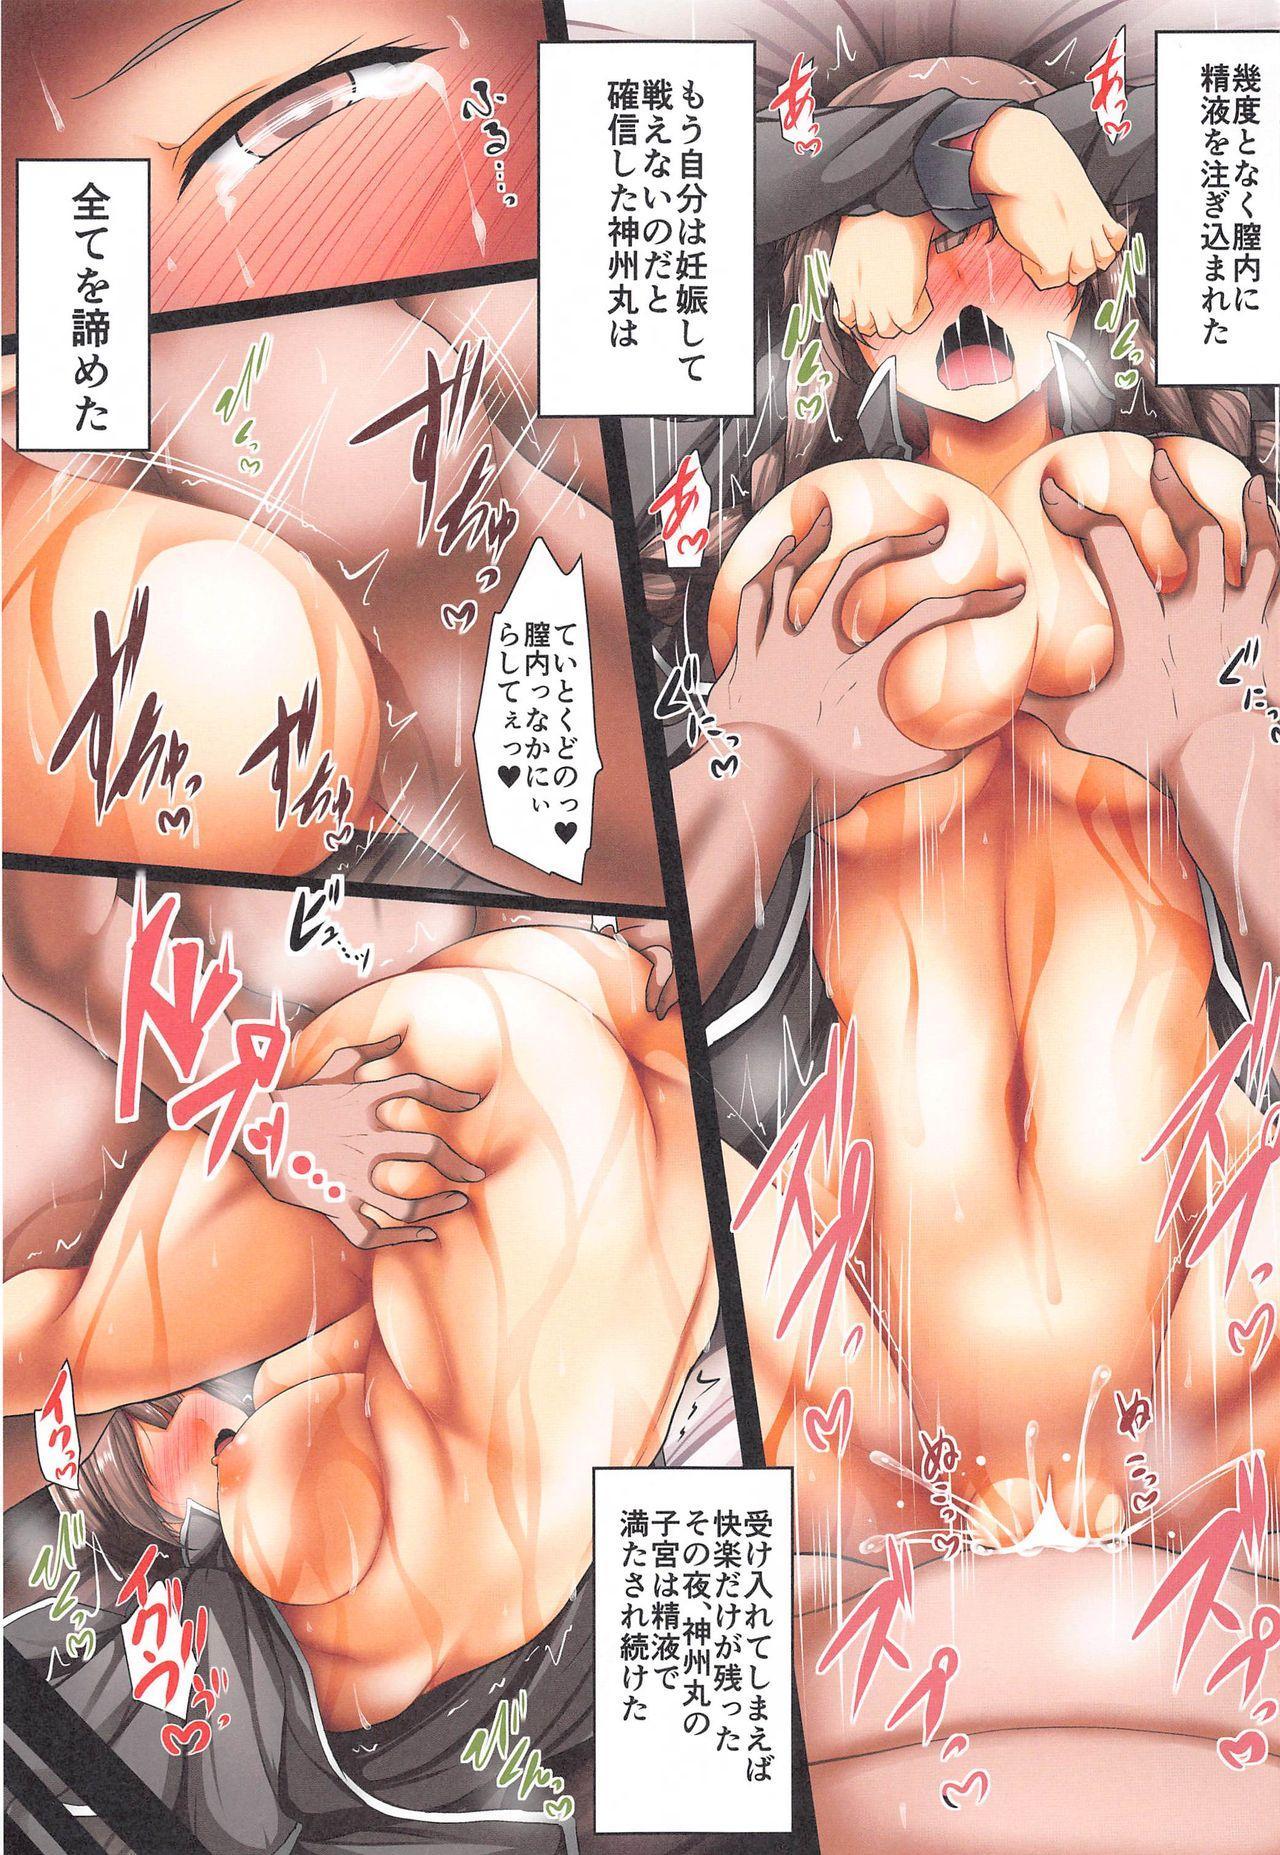 Rikugun no Onna wa Shiriana ga Yowai node 19